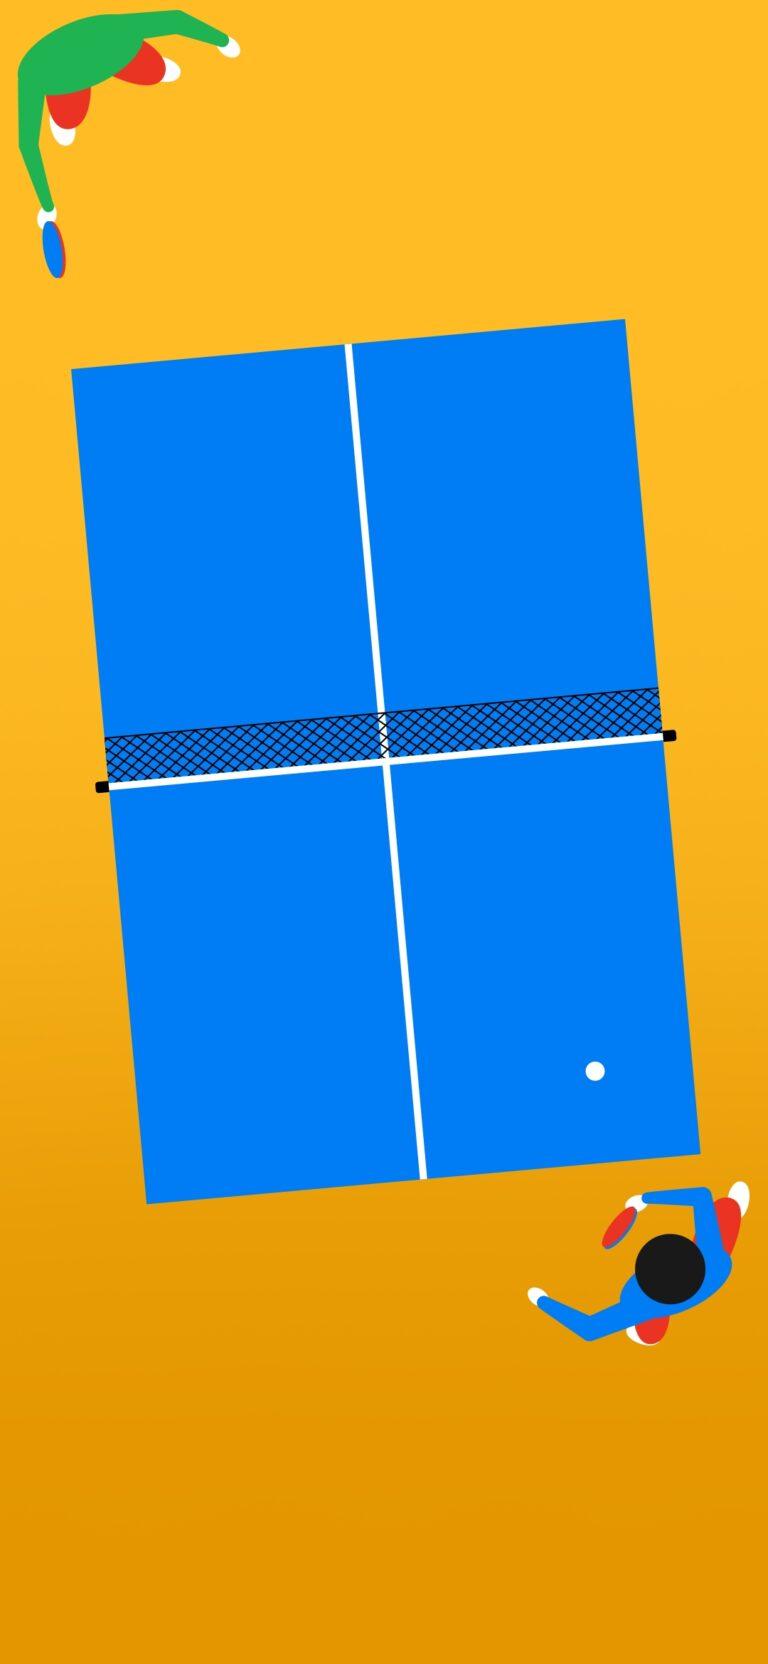 Pixel4a wallpaper 8